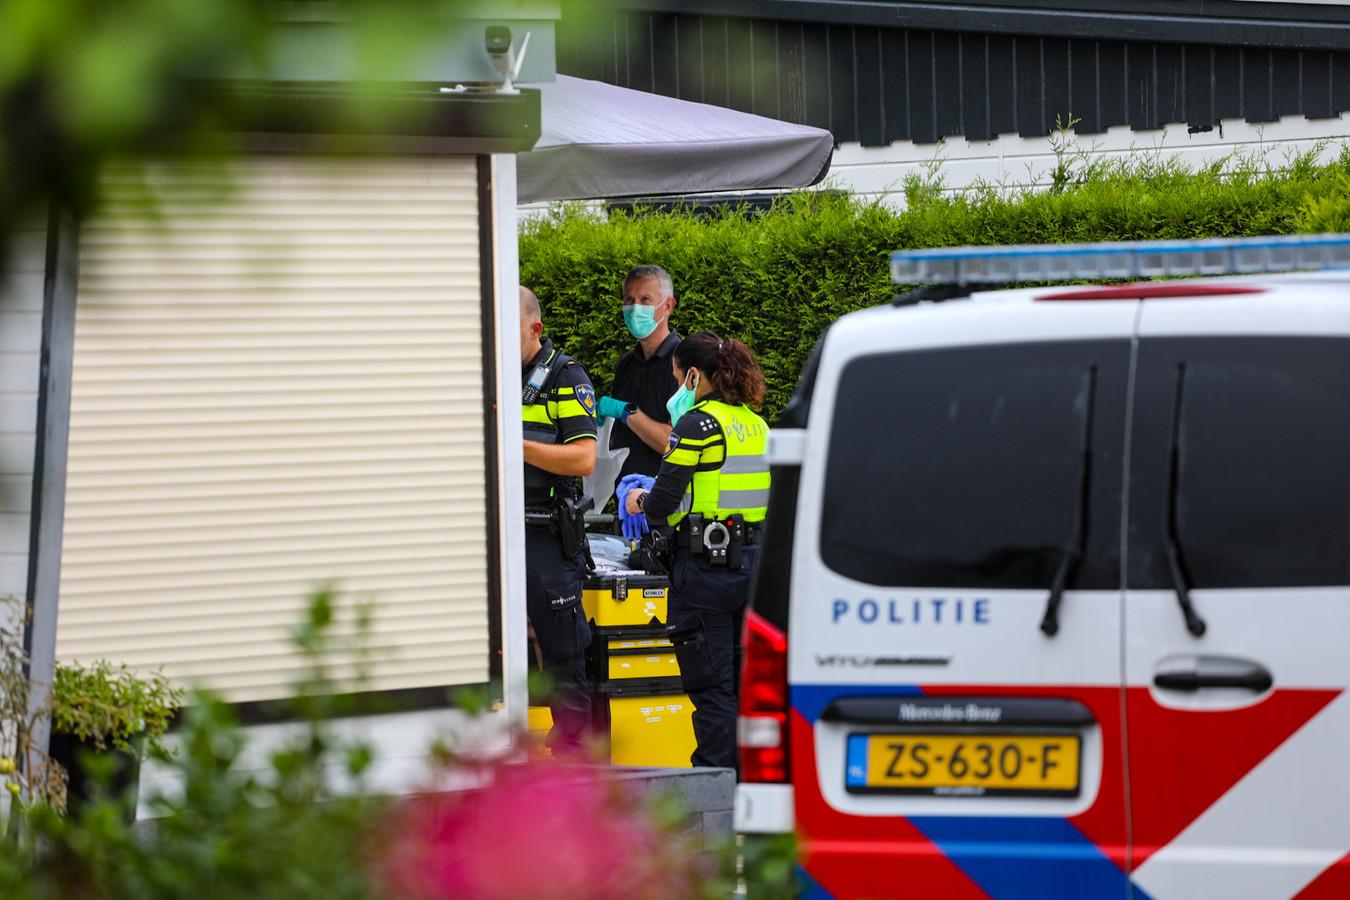 Grote politieactie op camping De Marshoeve in Loenen